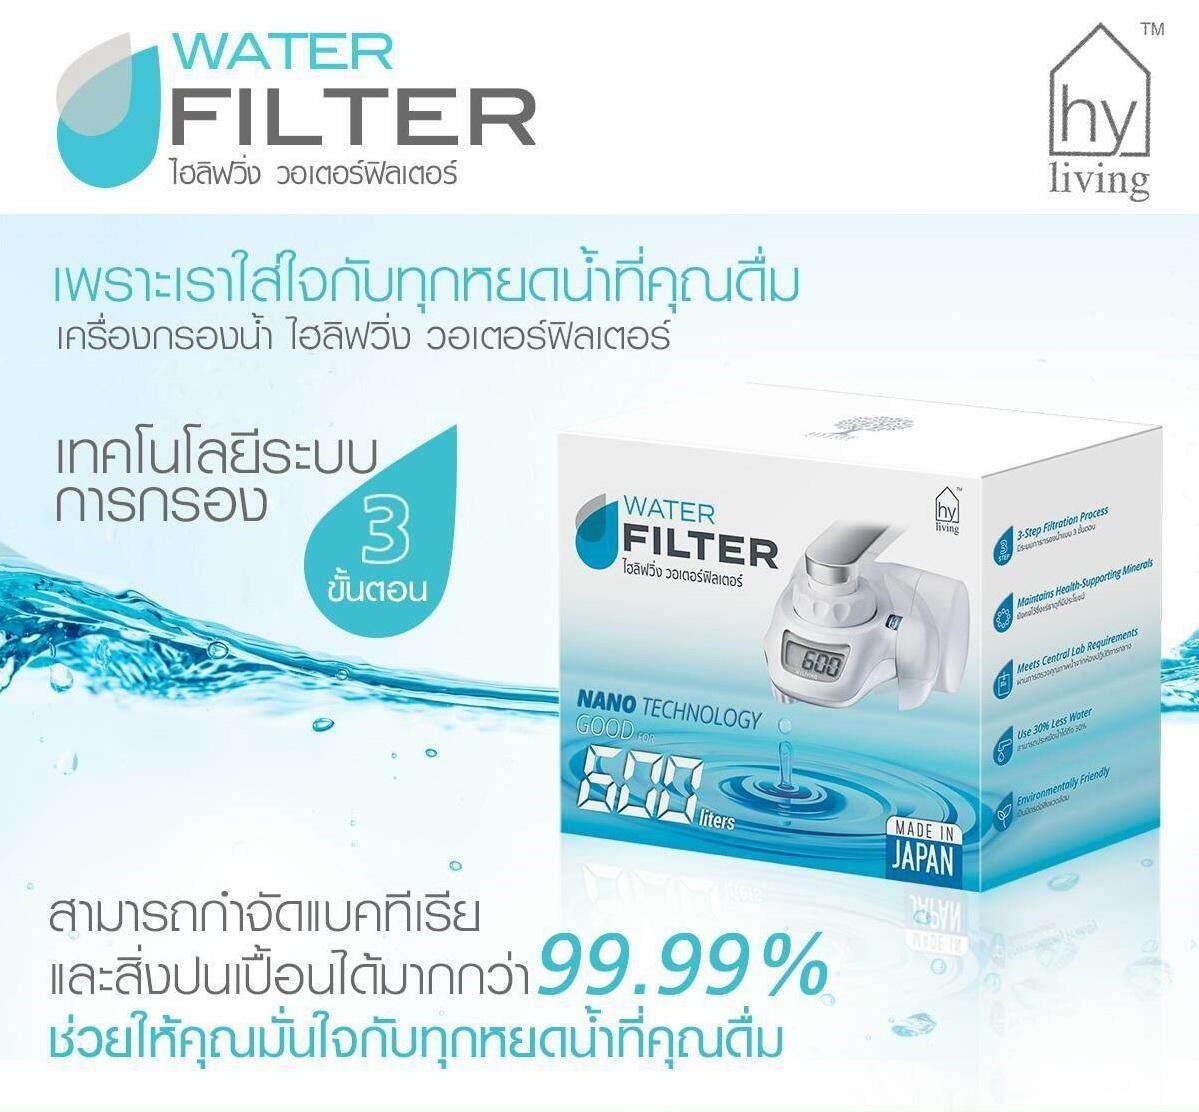 เครื่องกรองน้ำ Hyliving.waterfilter 1เครื่อง By Shop-First.